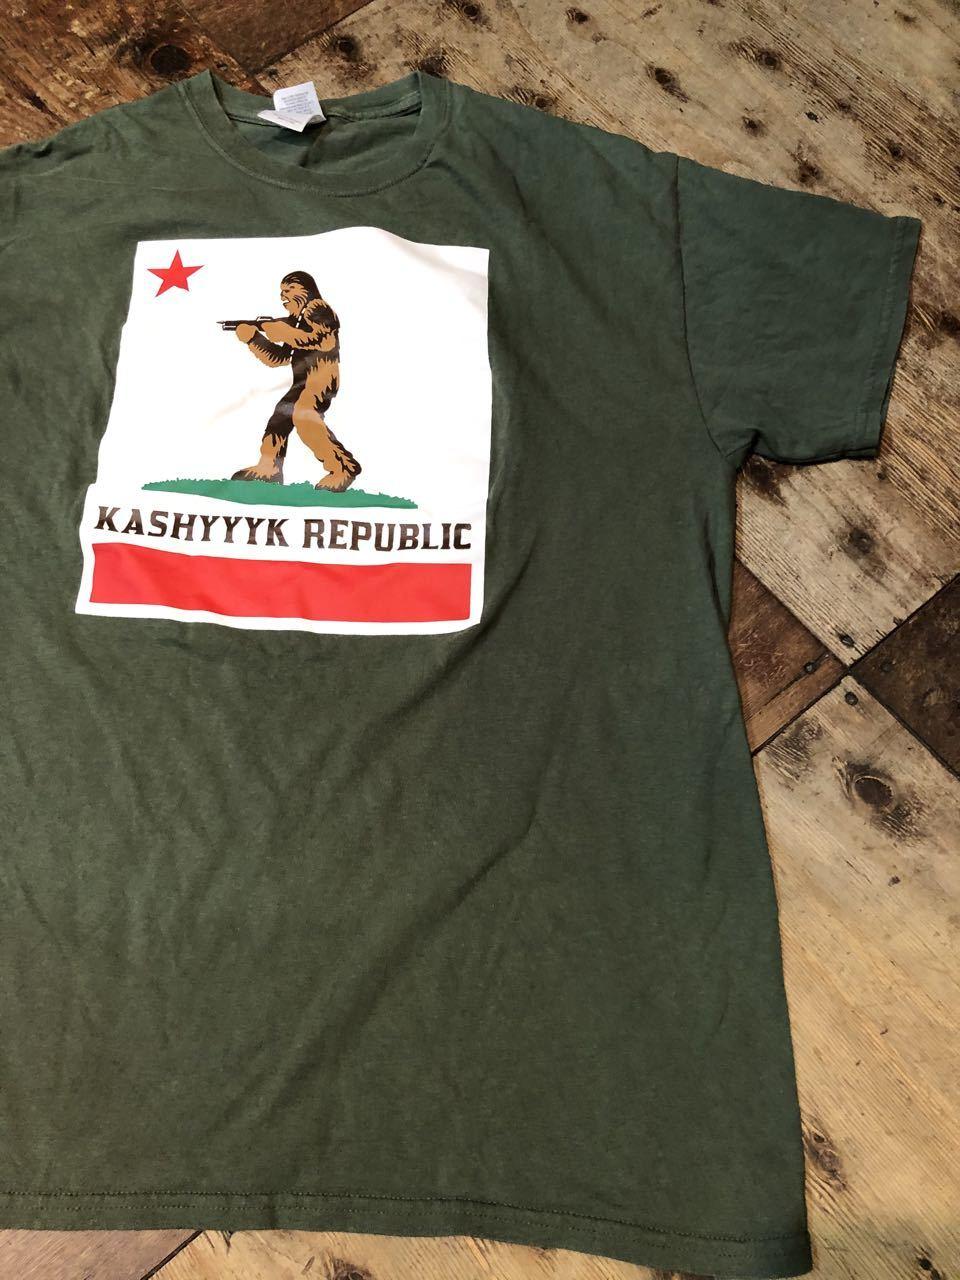 6/29(月)入荷! Carfornia Repubric パロディー STAR WARS キャッシーク共和国 KASHYYYK REPUBLIC Tシャツ!_c0144020_13060214.jpg